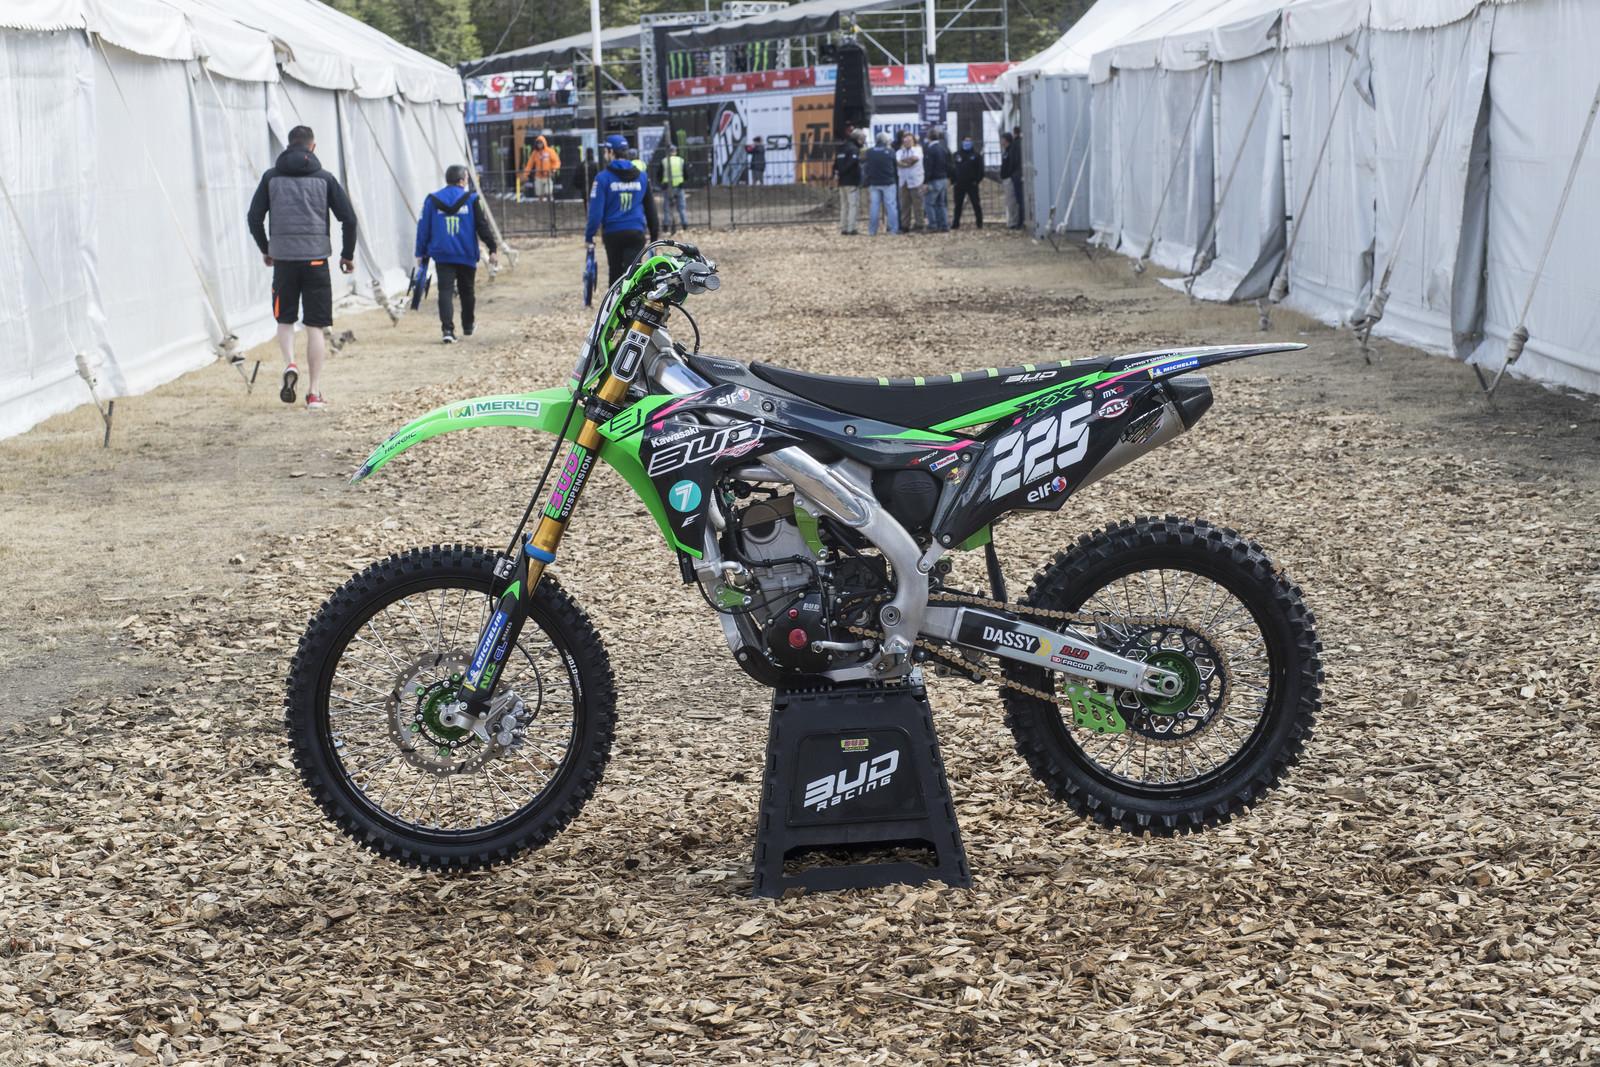 Here's a look at Bud Racing Brian Moreau's Kawasaki KX250